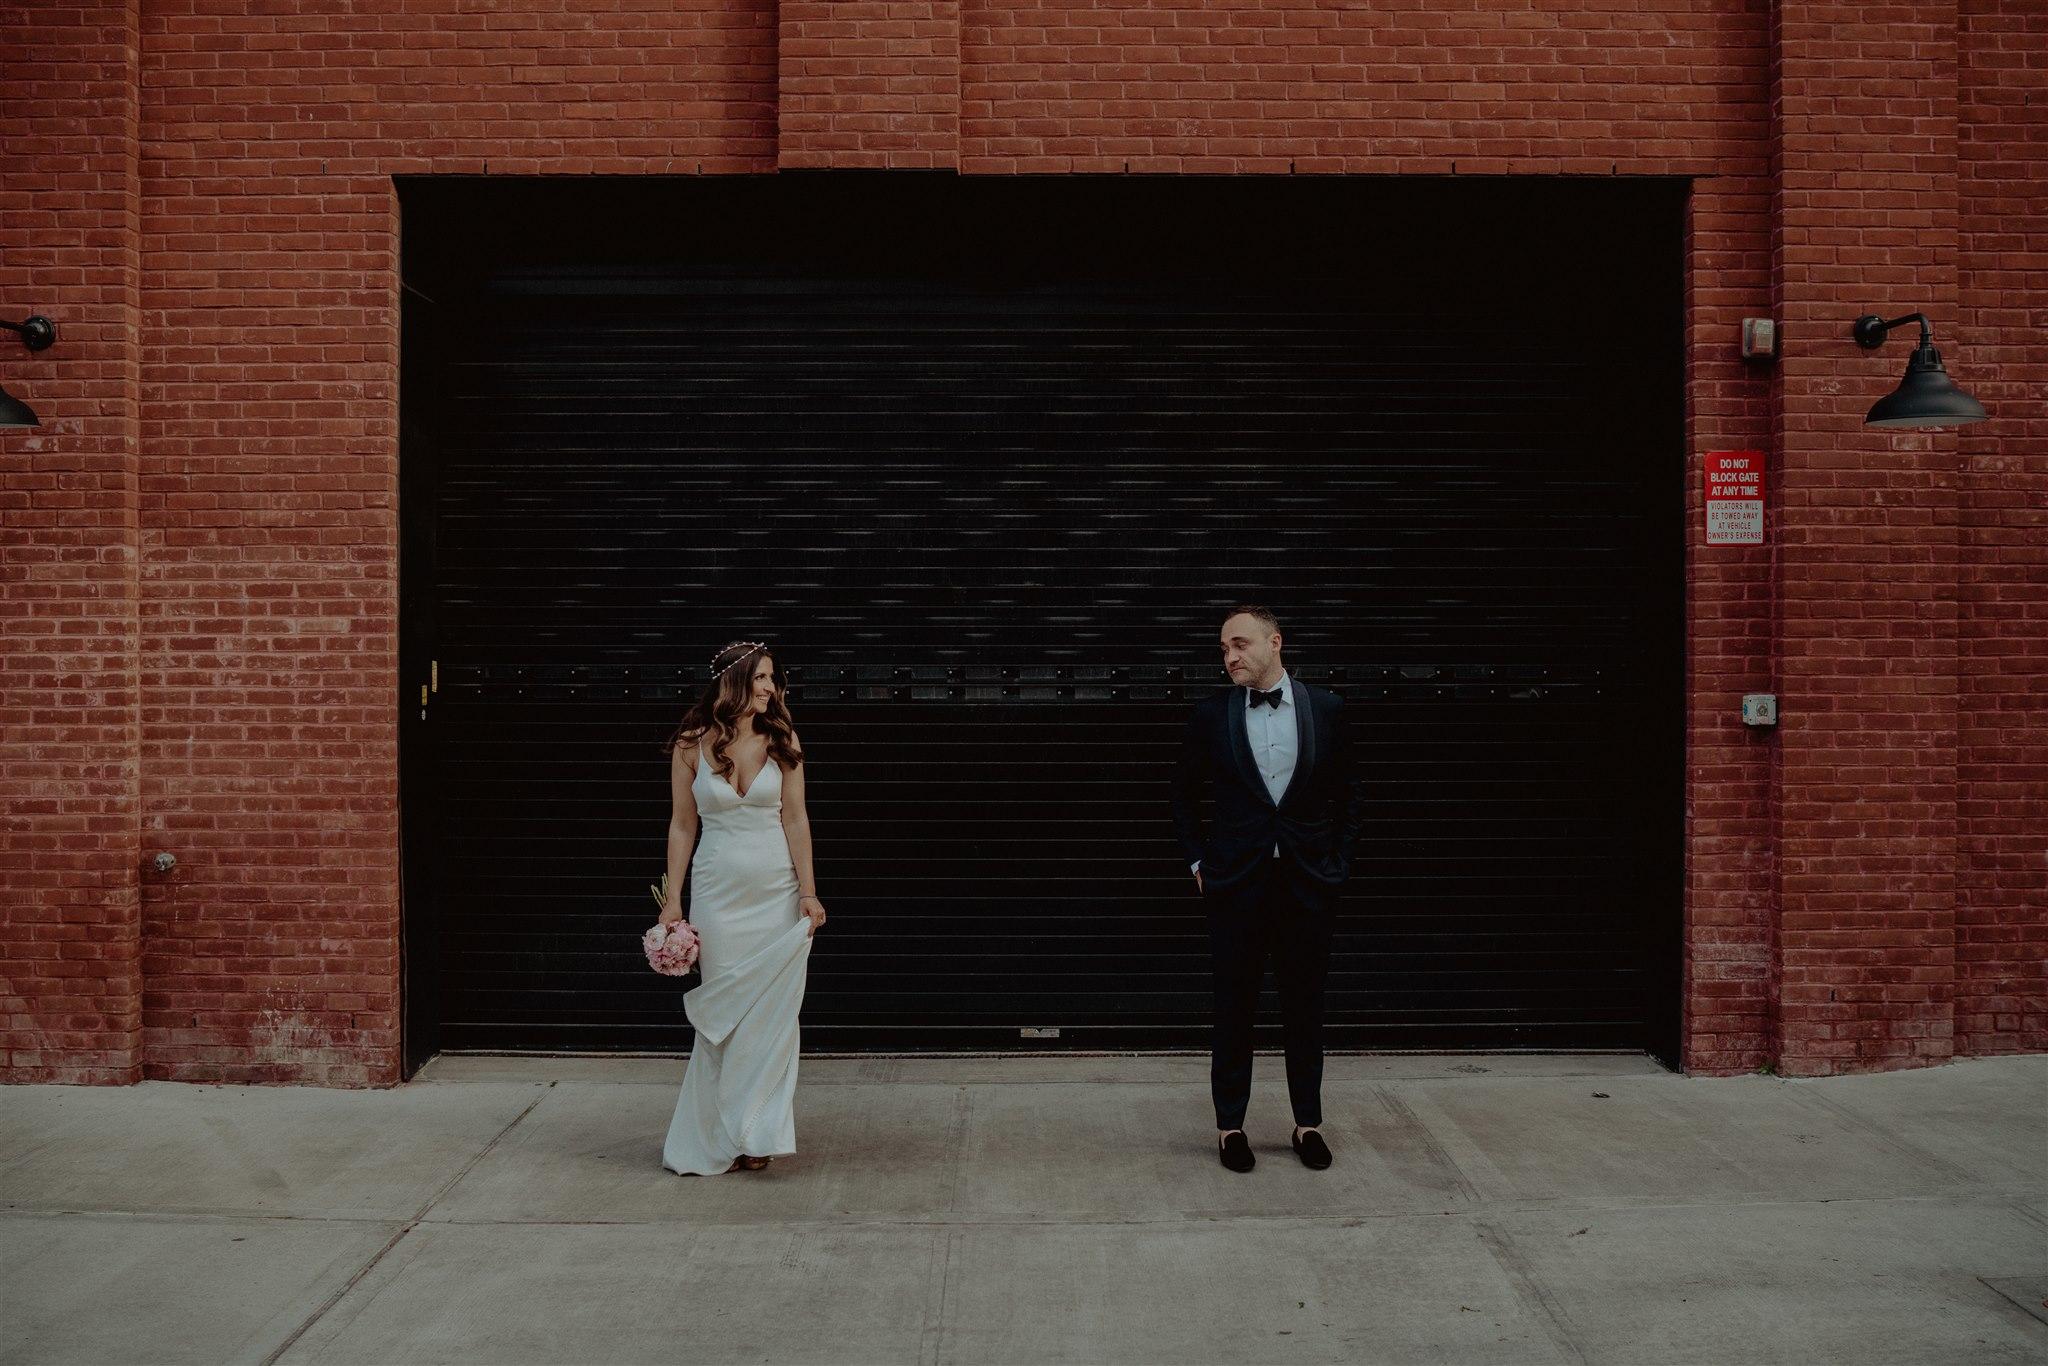 Chellise_Michael_Photography_Ramona_Brooklyn_Wedding_Photographer-408.jpg